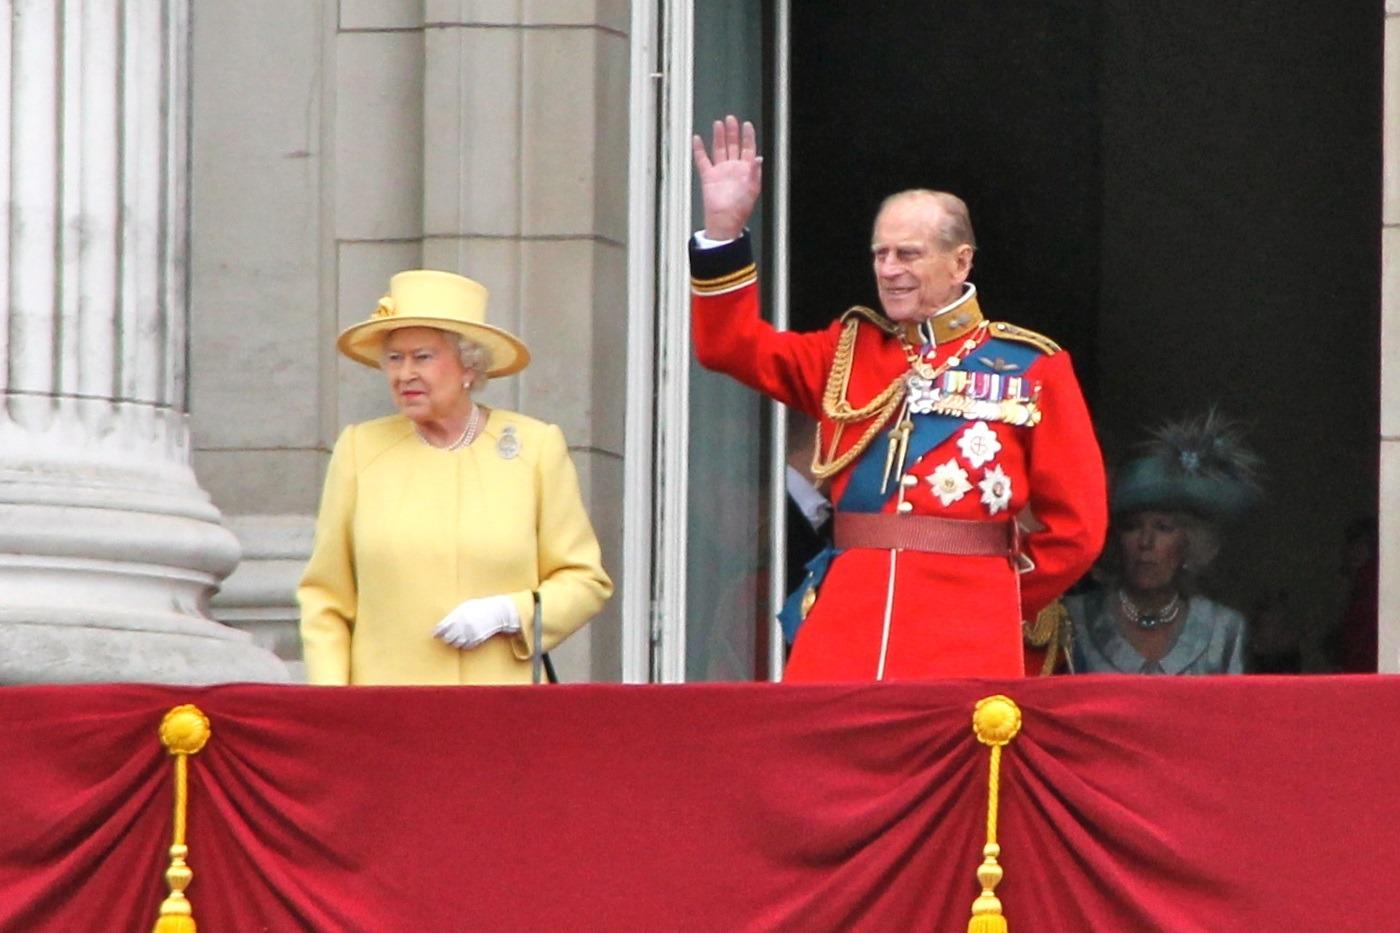 II. Erzsébet és Fülöp herceg a Buckingham-palota erkélyén 2012-ben - forrás: wikipedia - Carfax2